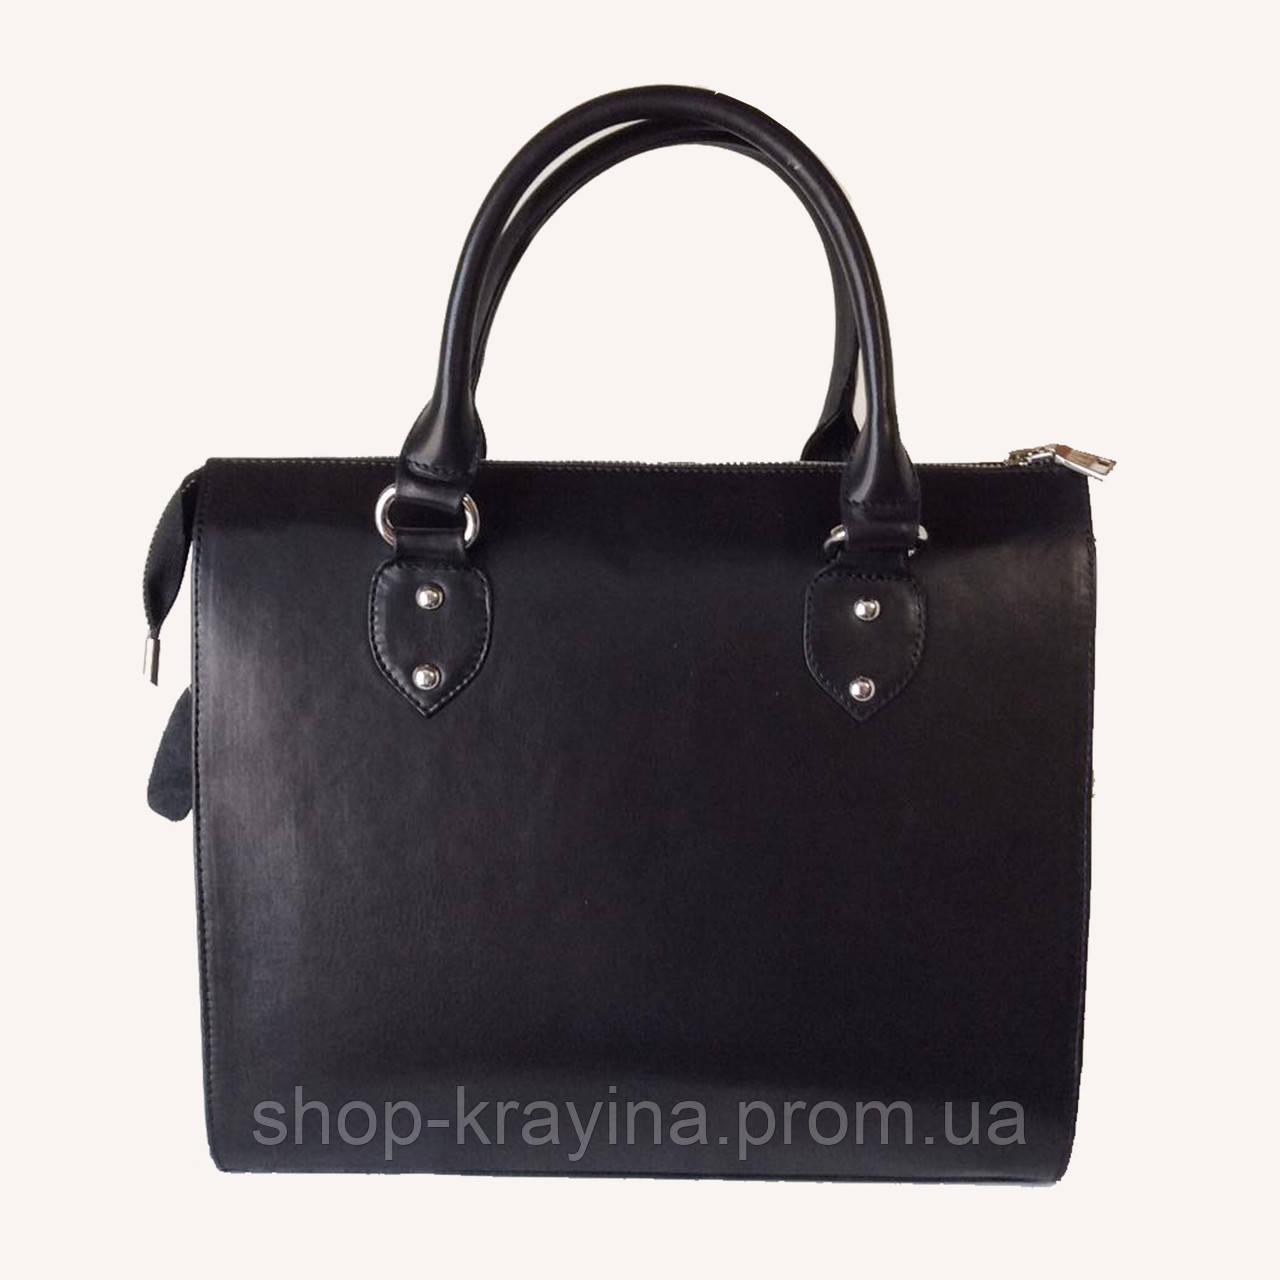 Кожаная сумка VS18  blak 31х27х13  см